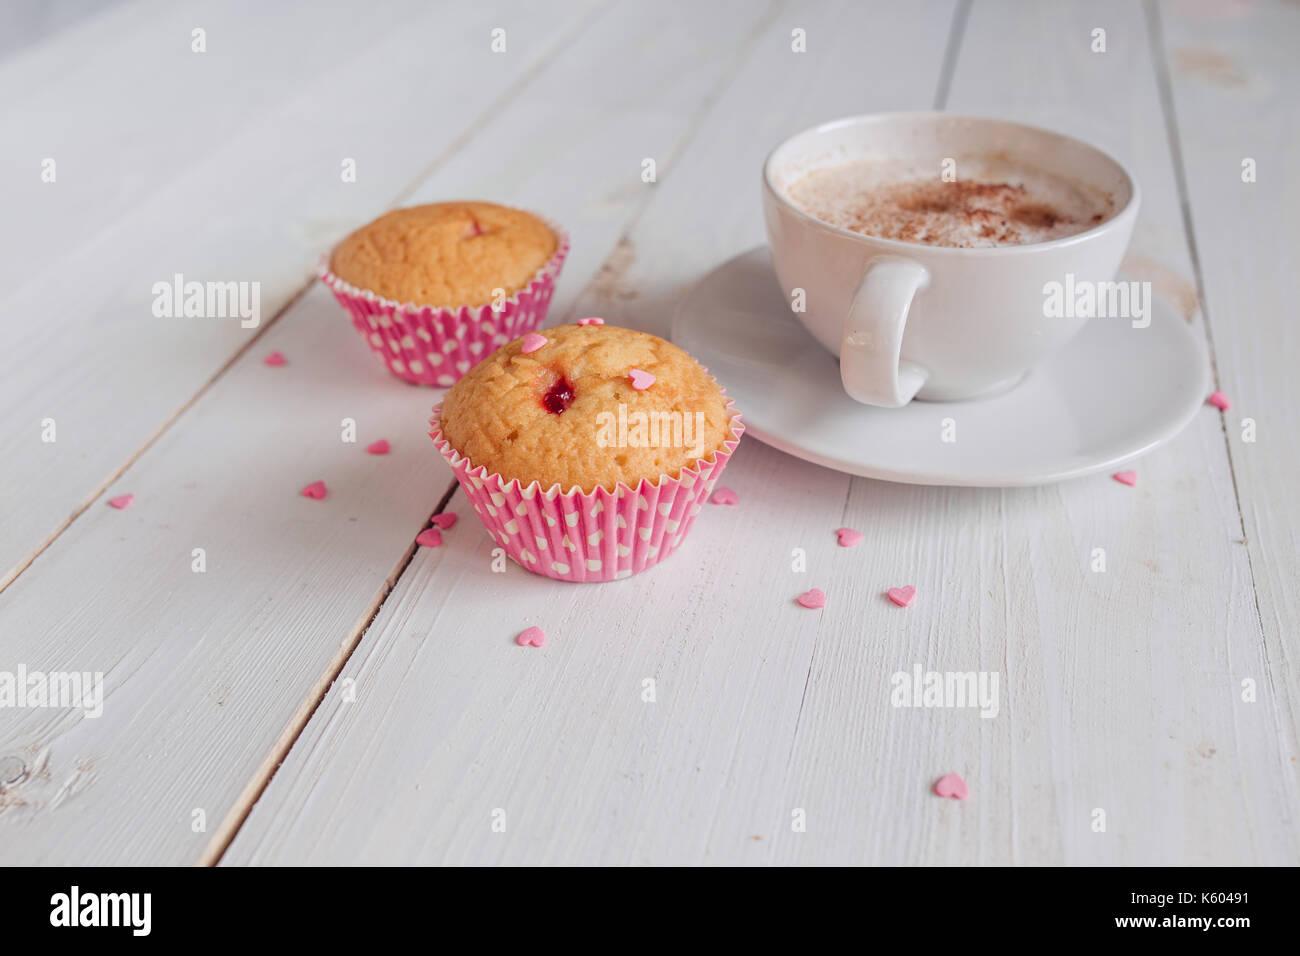 Kaffeebecher Mit Kuchen Und Noten Guten Morgen Auf Weißem